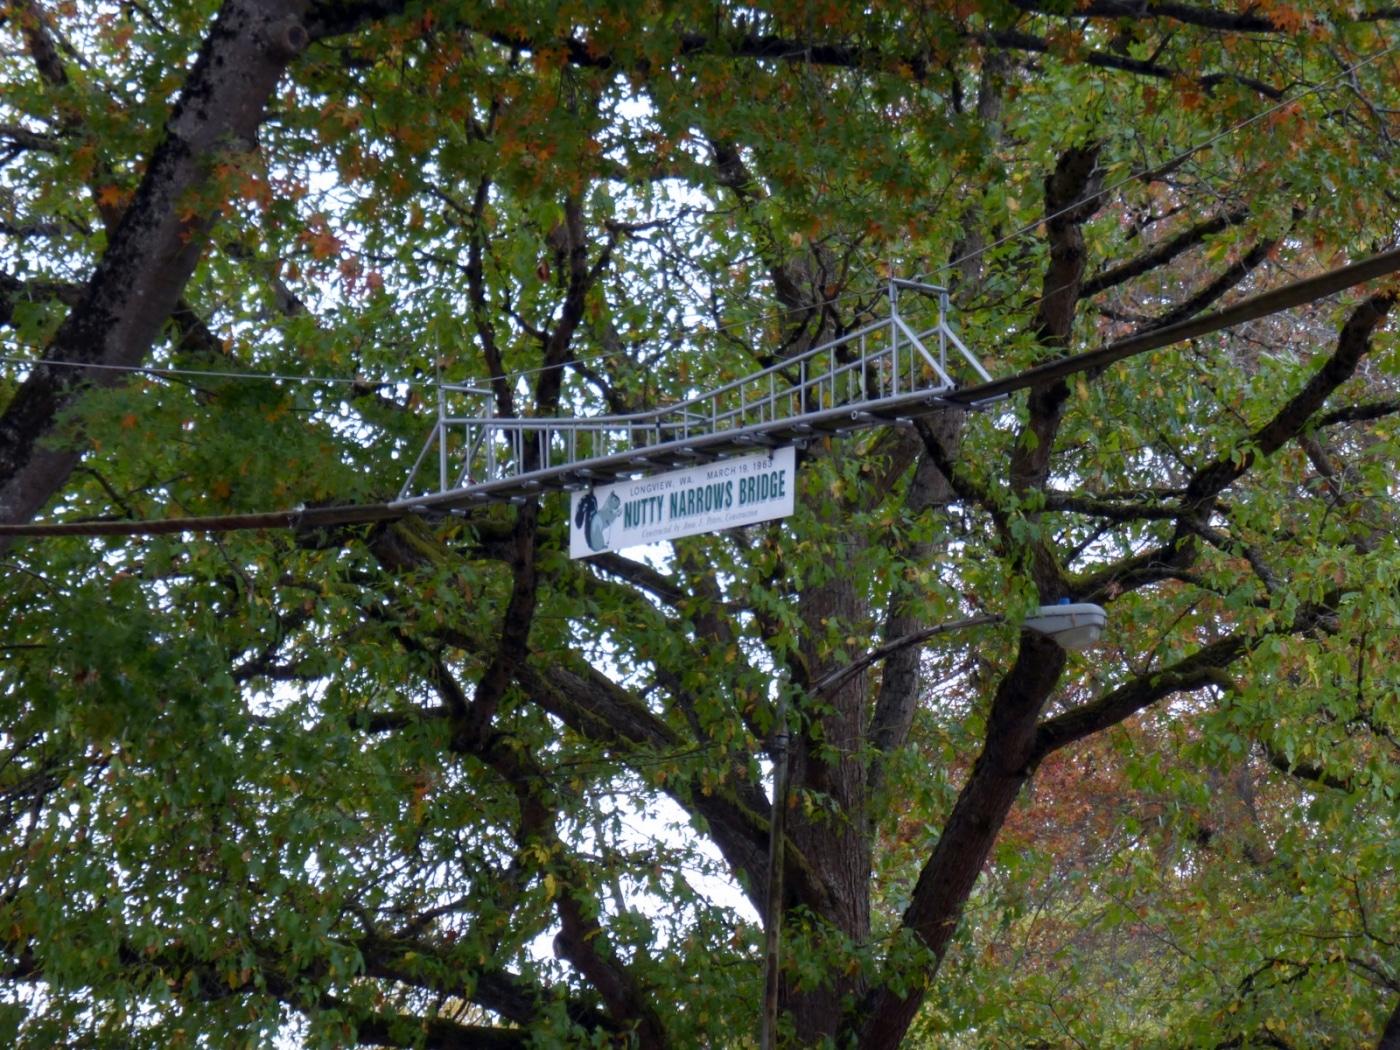 nutty narrows squirrel bridge